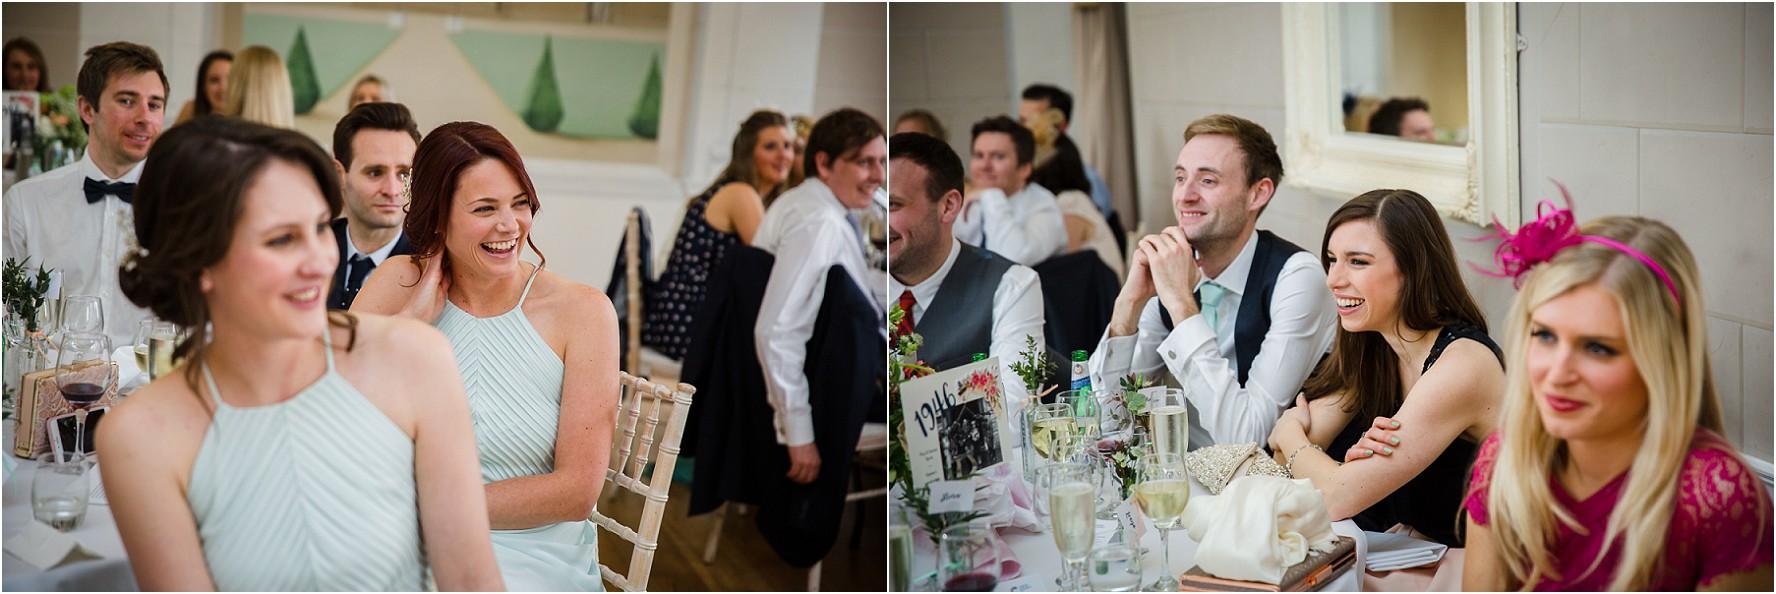 Wedding Photography Norwood Park_0129